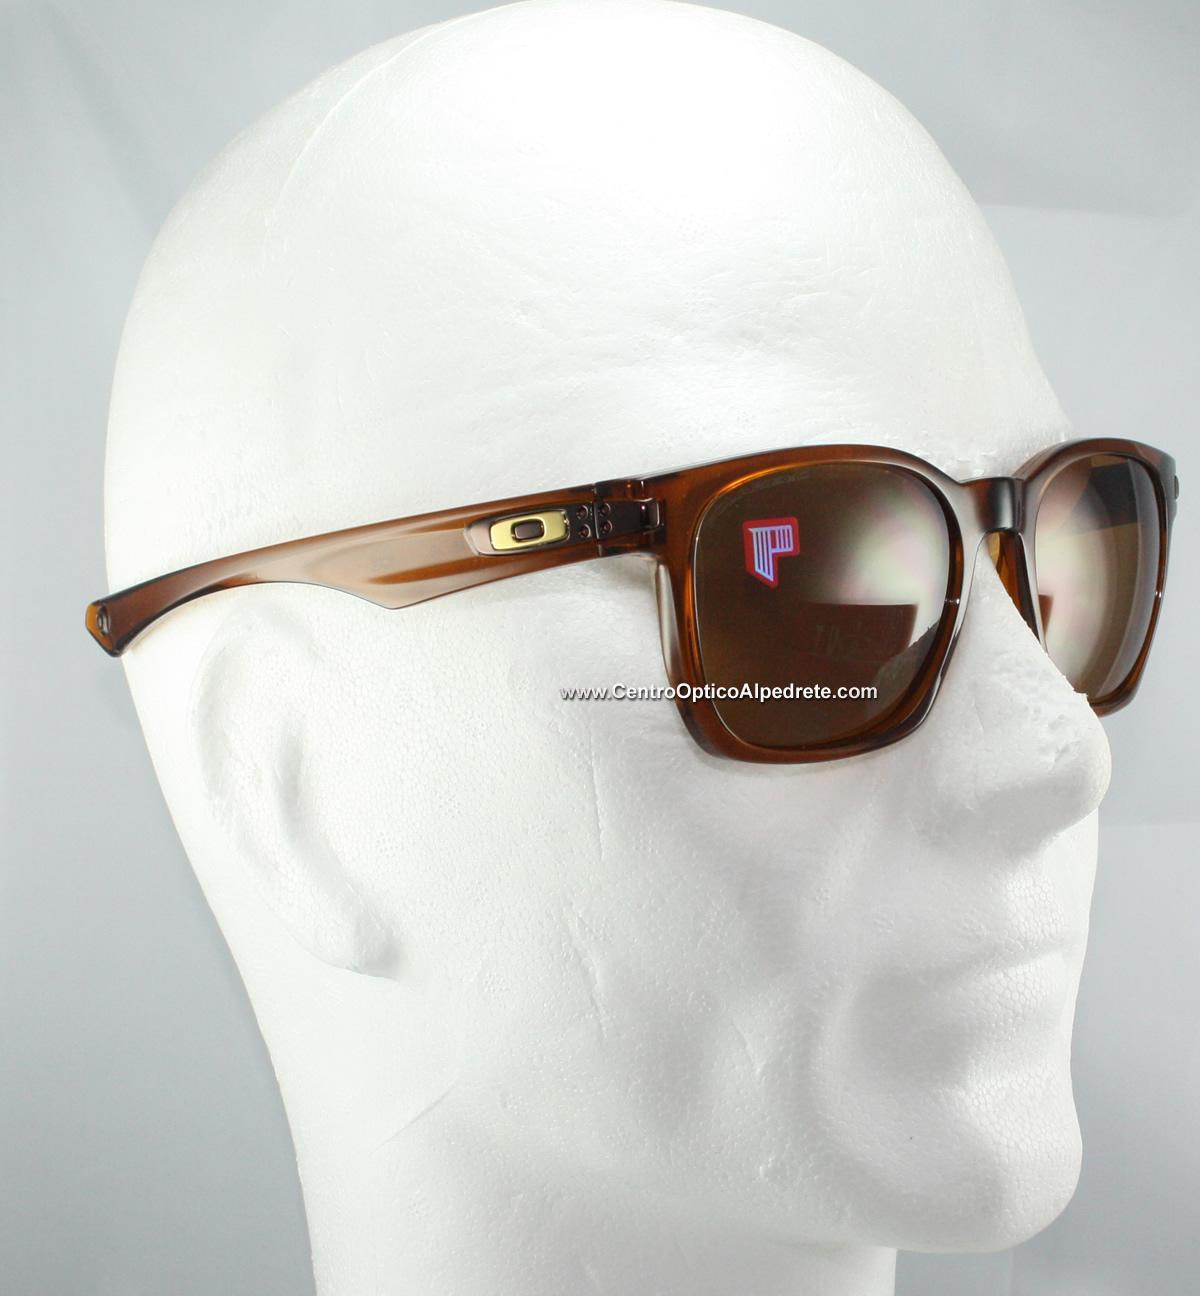 183bd090b0c óculos Oakley Garage Rock Woodgrain Tungsten Iridium Polarized ...